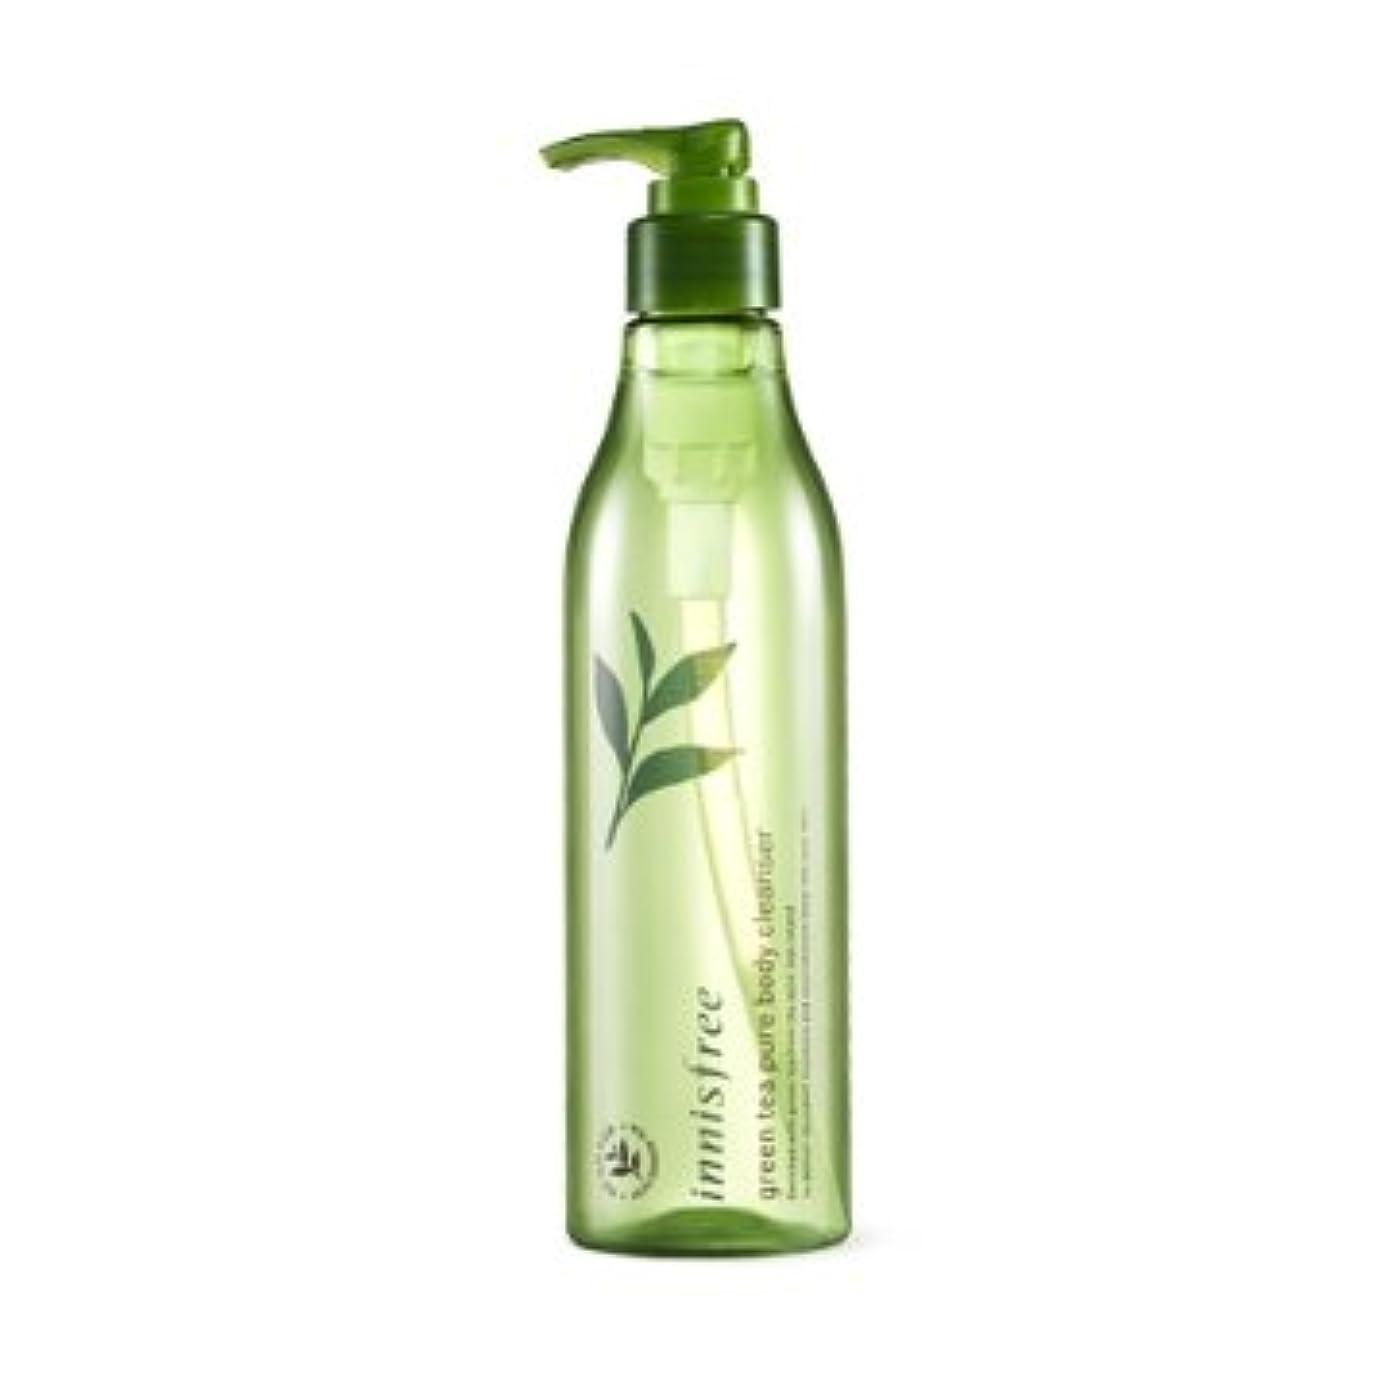 かろうじて夫婦憂鬱な【イニスフリー】Innisfree green tea pure body cleanser - 300ml (韓国直送品) (SHOPPINGINSTAGRAM)